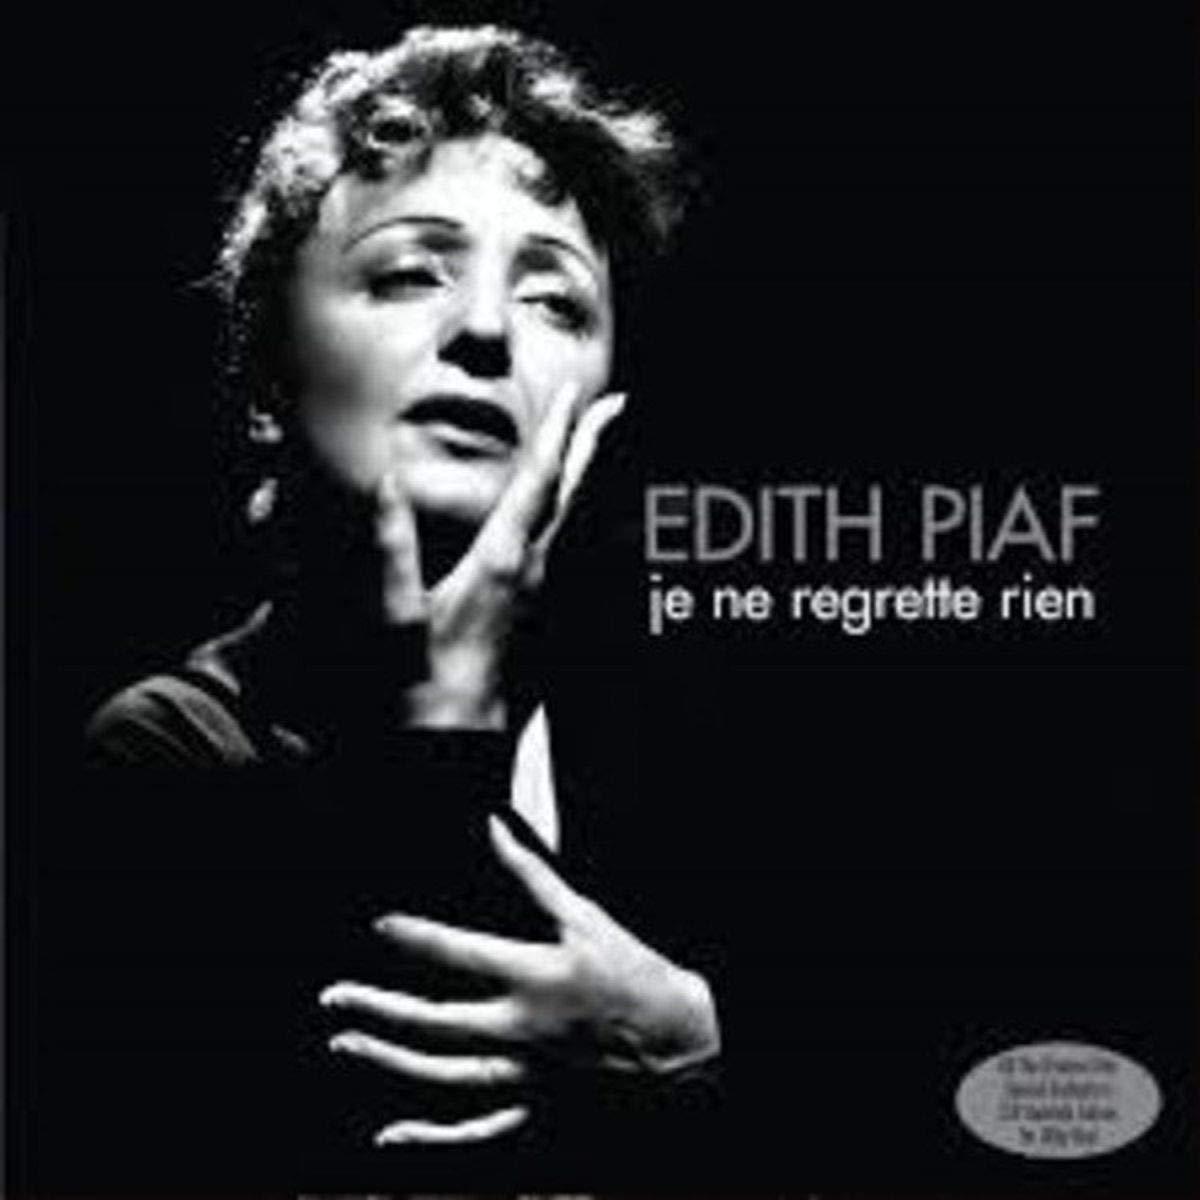 Piaf Edith Je Ne Regrette Rien Music